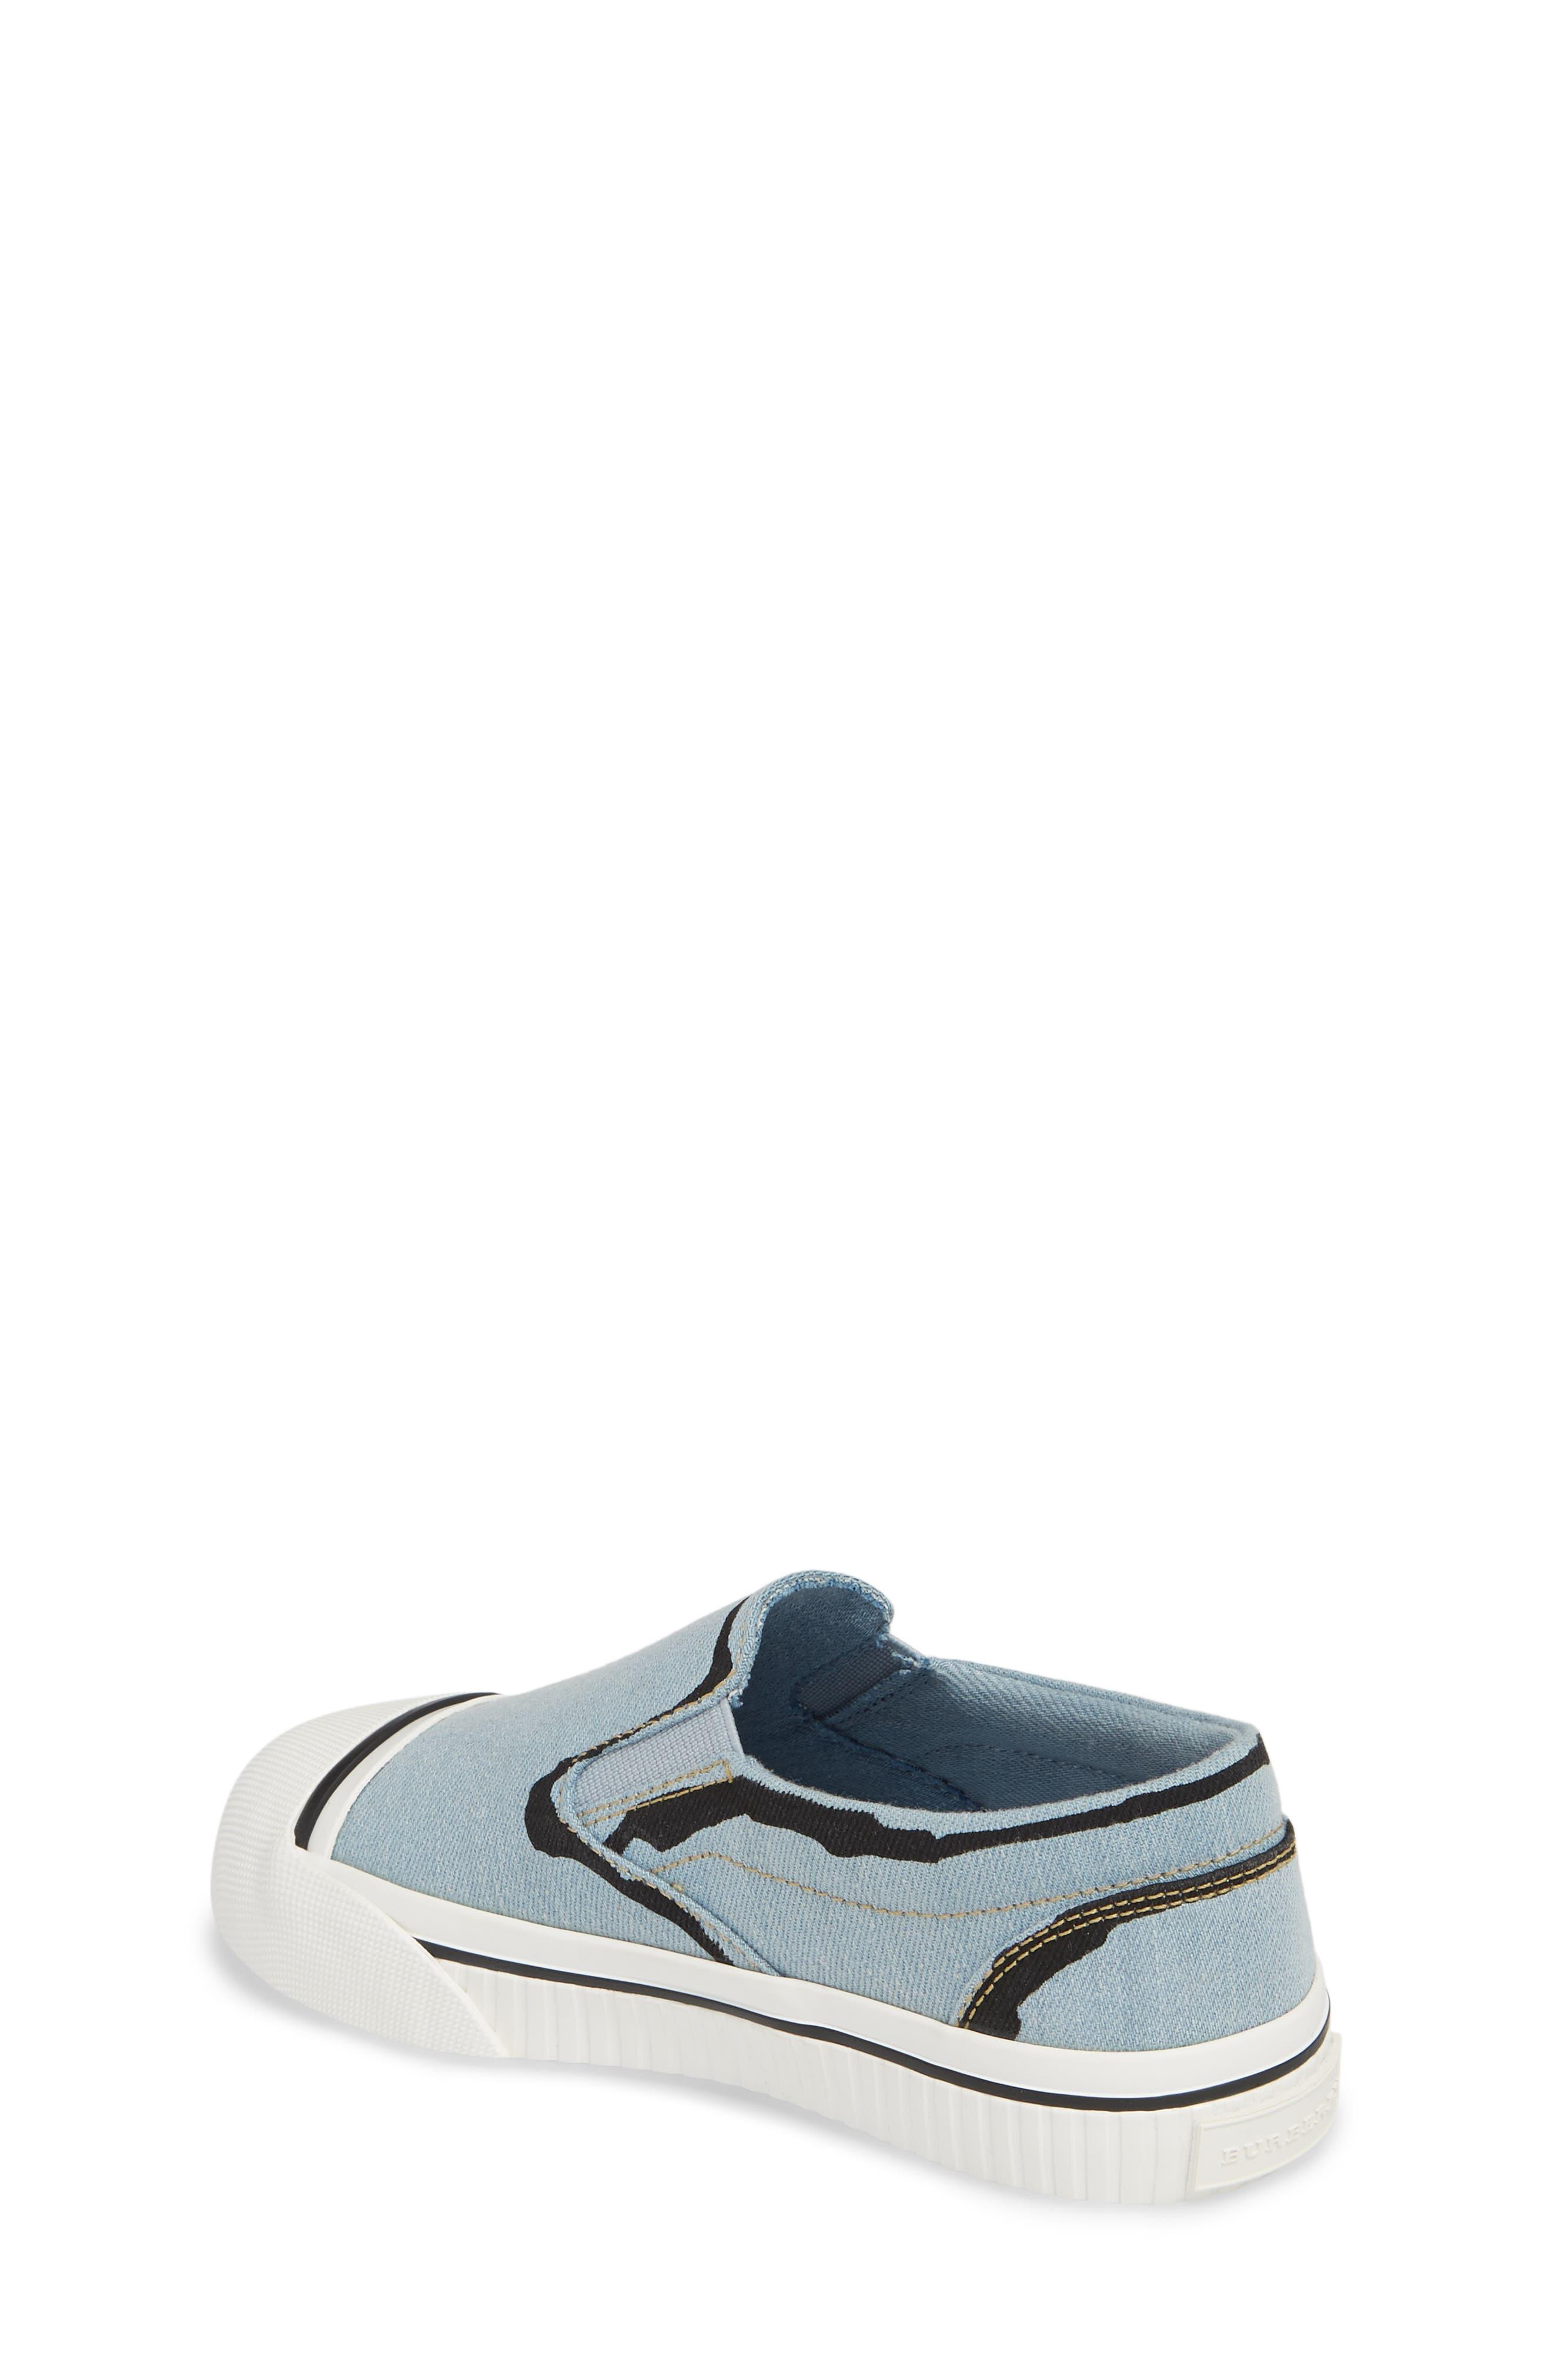 Lipton Slip-On Sneaker,                             Alternate thumbnail 2, color,                             LIGHT BLUE